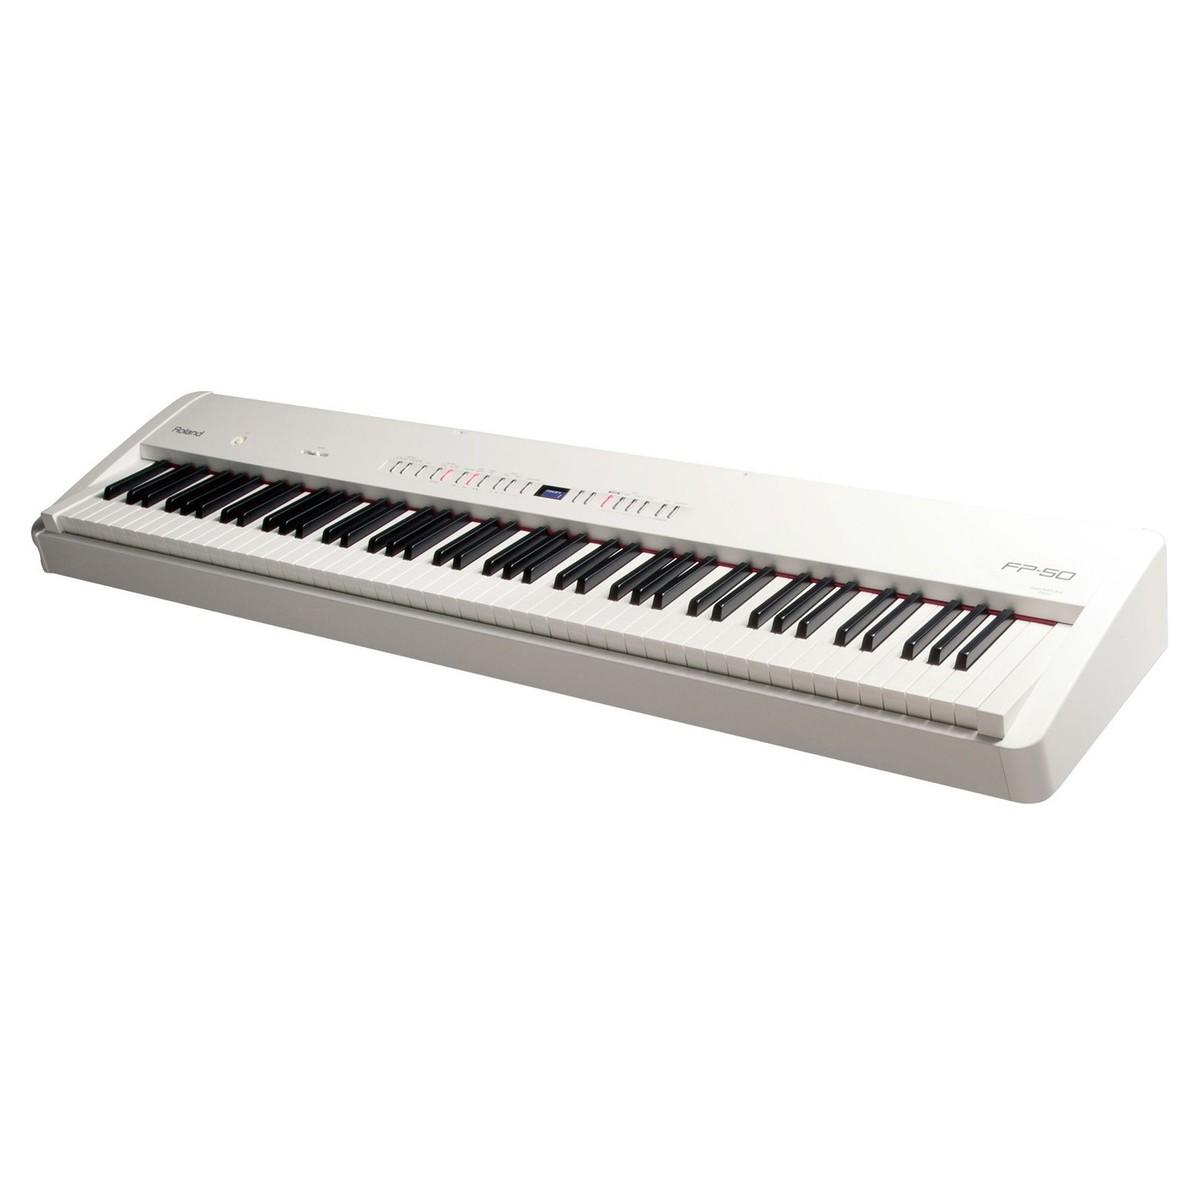 Roland FP 50 Digitalpiano mit Ständer, Hocker und Kopfhörer, weiß ...